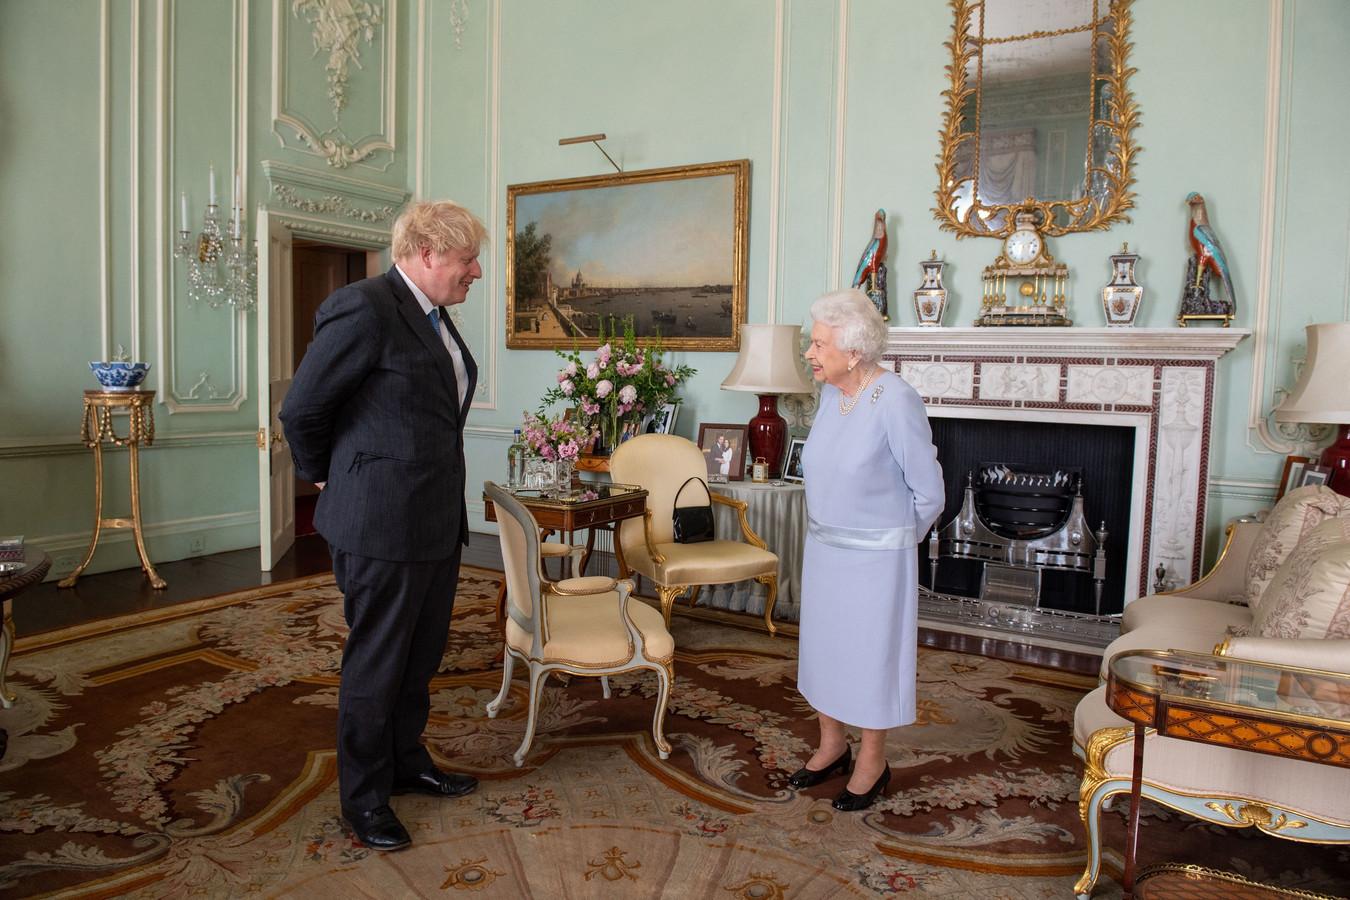 Après plus d'un an à s'entretenir par téléphone, la souveraine de 95 ans et le chef du gouvernement conservateur, tous les deux vaccinés contre le Covid-19, se sont rencontrés au palais de Buckingham.